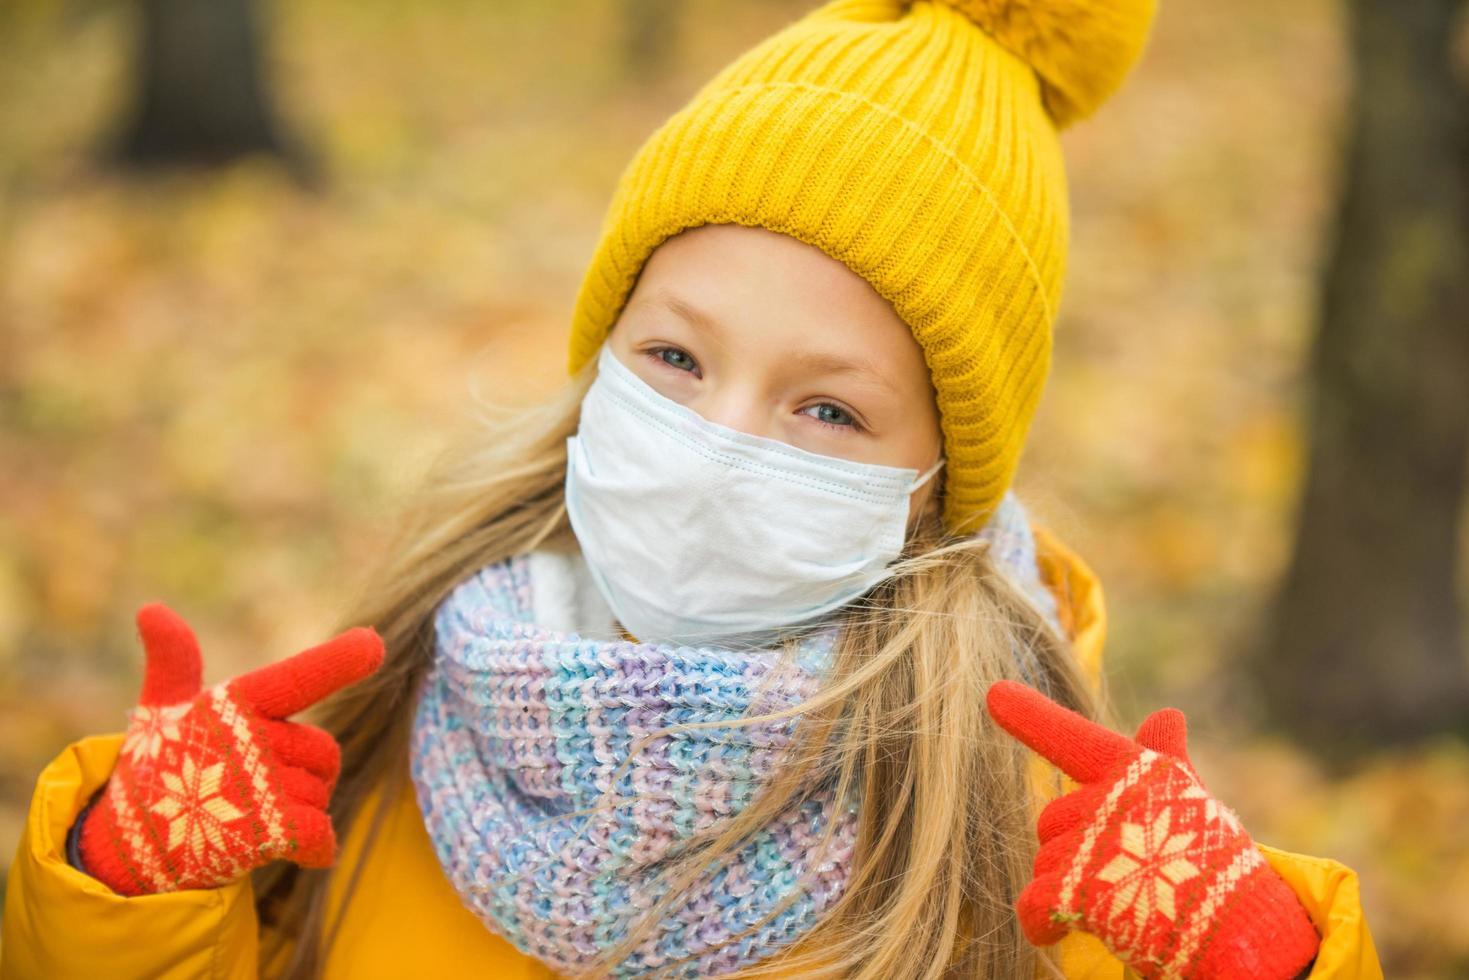 ragazza che indossa la maschera per il viso e abiti invernali foto